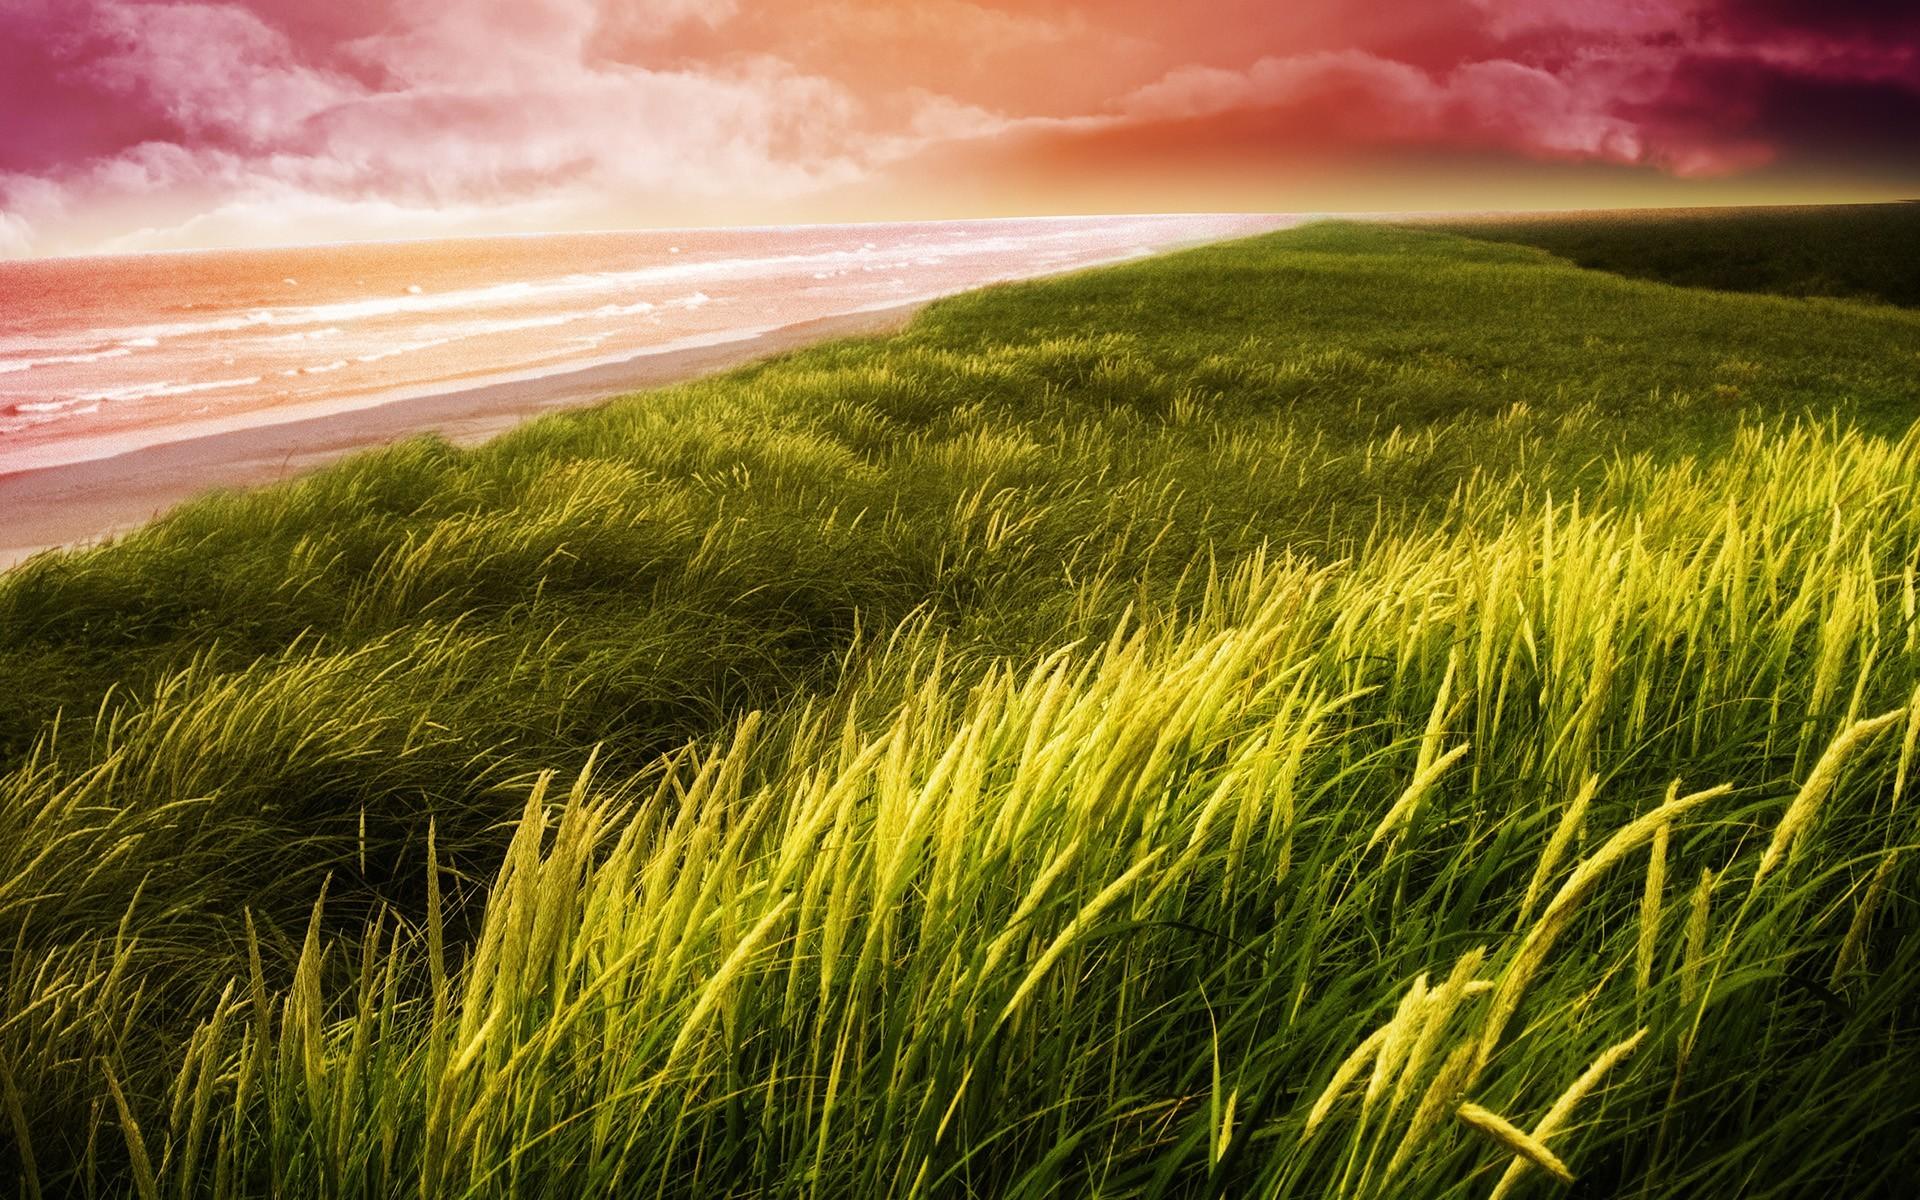 29595 скачать обои Пейзаж, Трава, Море - заставки и картинки бесплатно